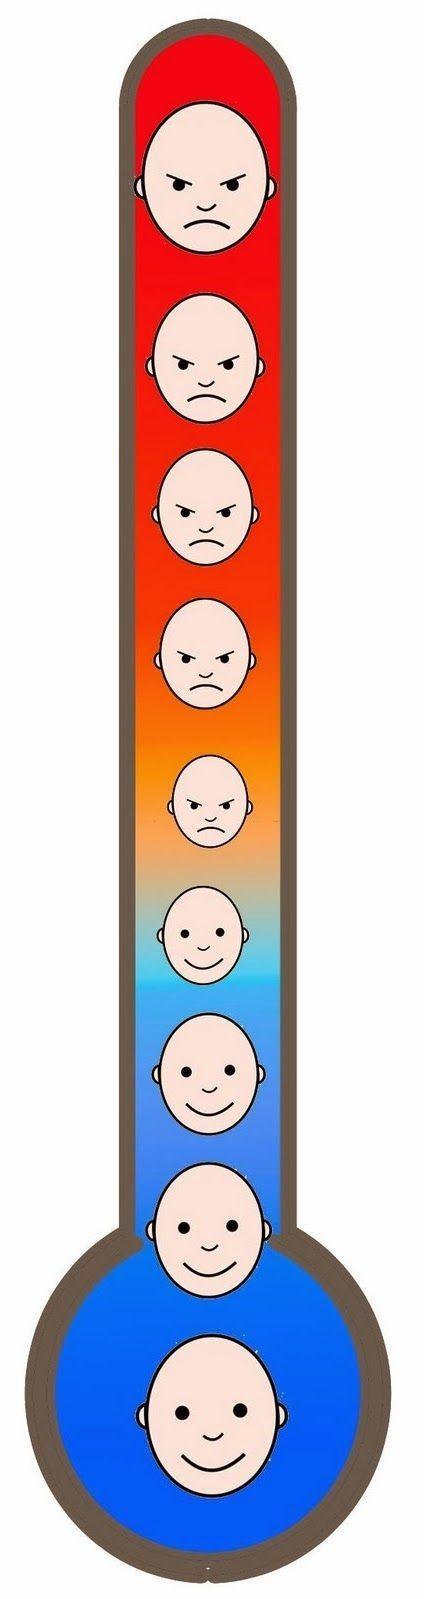 CLIC EN LA IMAGEN         CLIC EN LA IMAGEN     TEMPERATURA EMOCIONAL     REMEDIOS